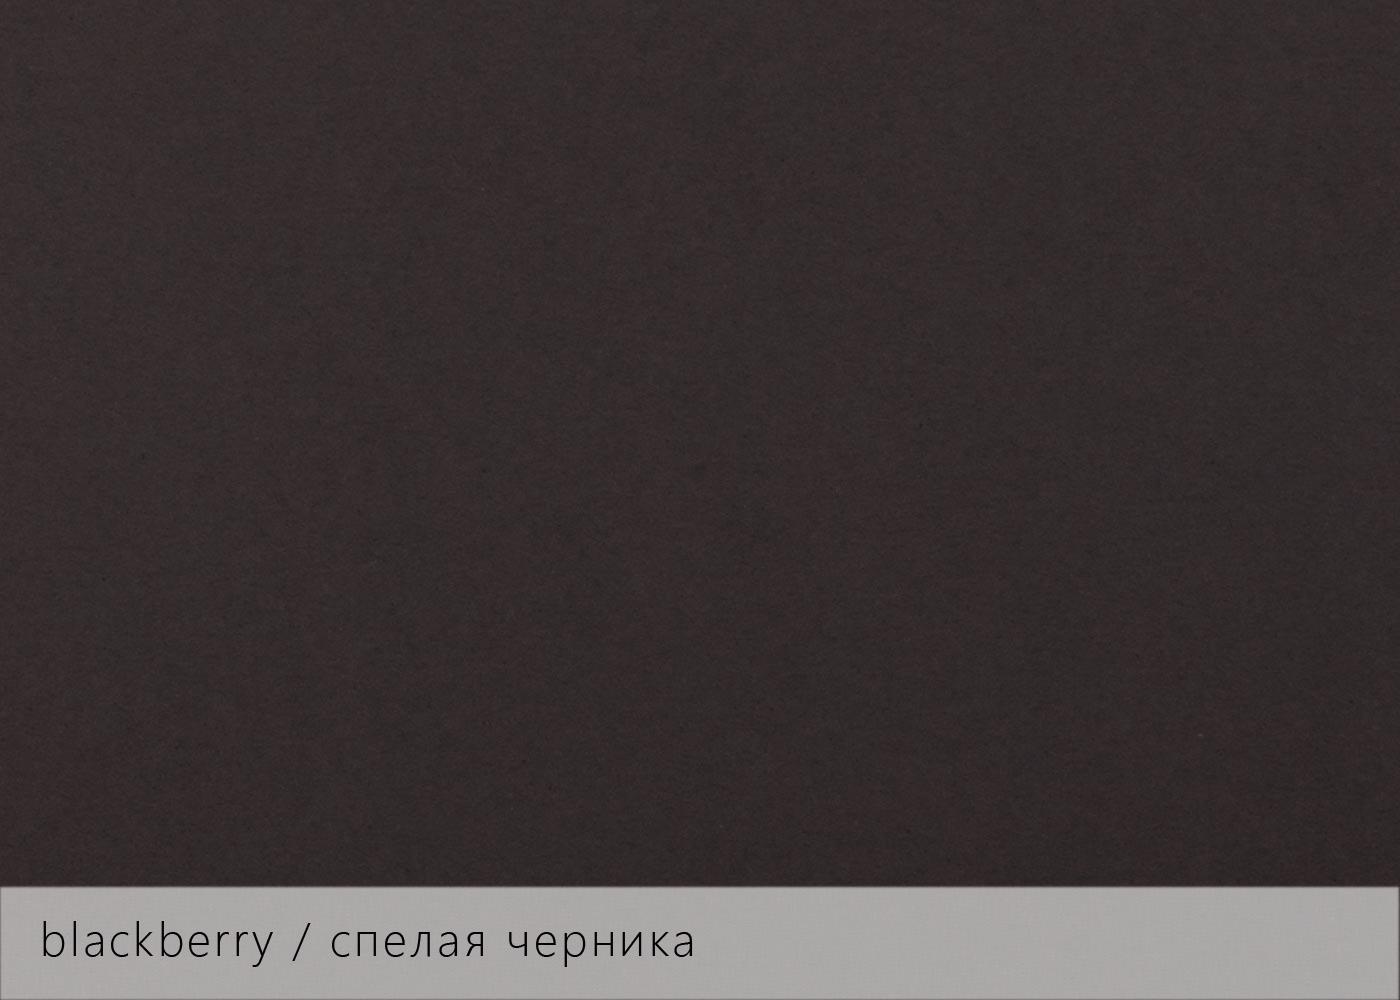 Keaykolour blackberry - спелая черника